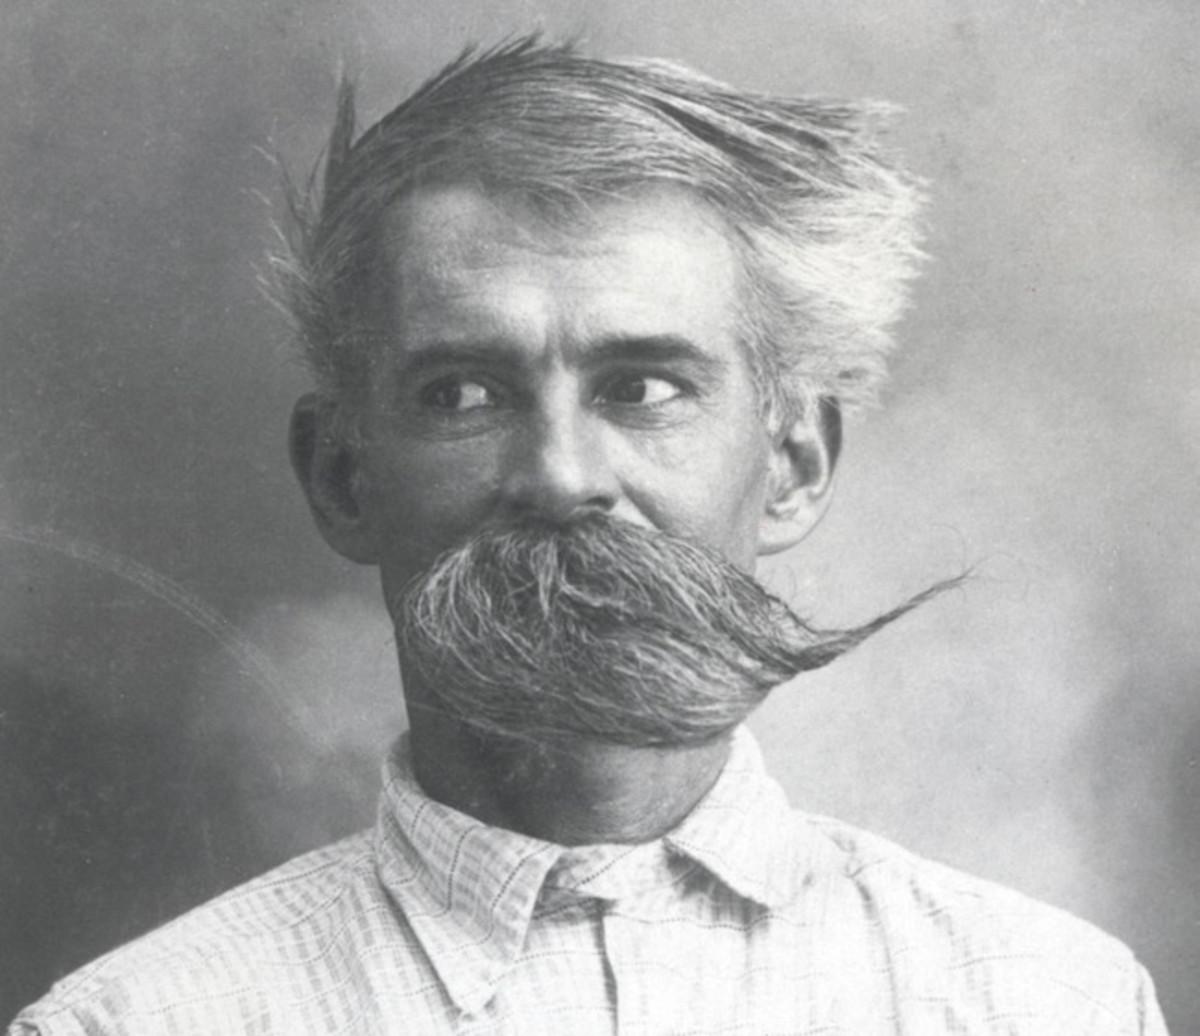 George E. Ohr